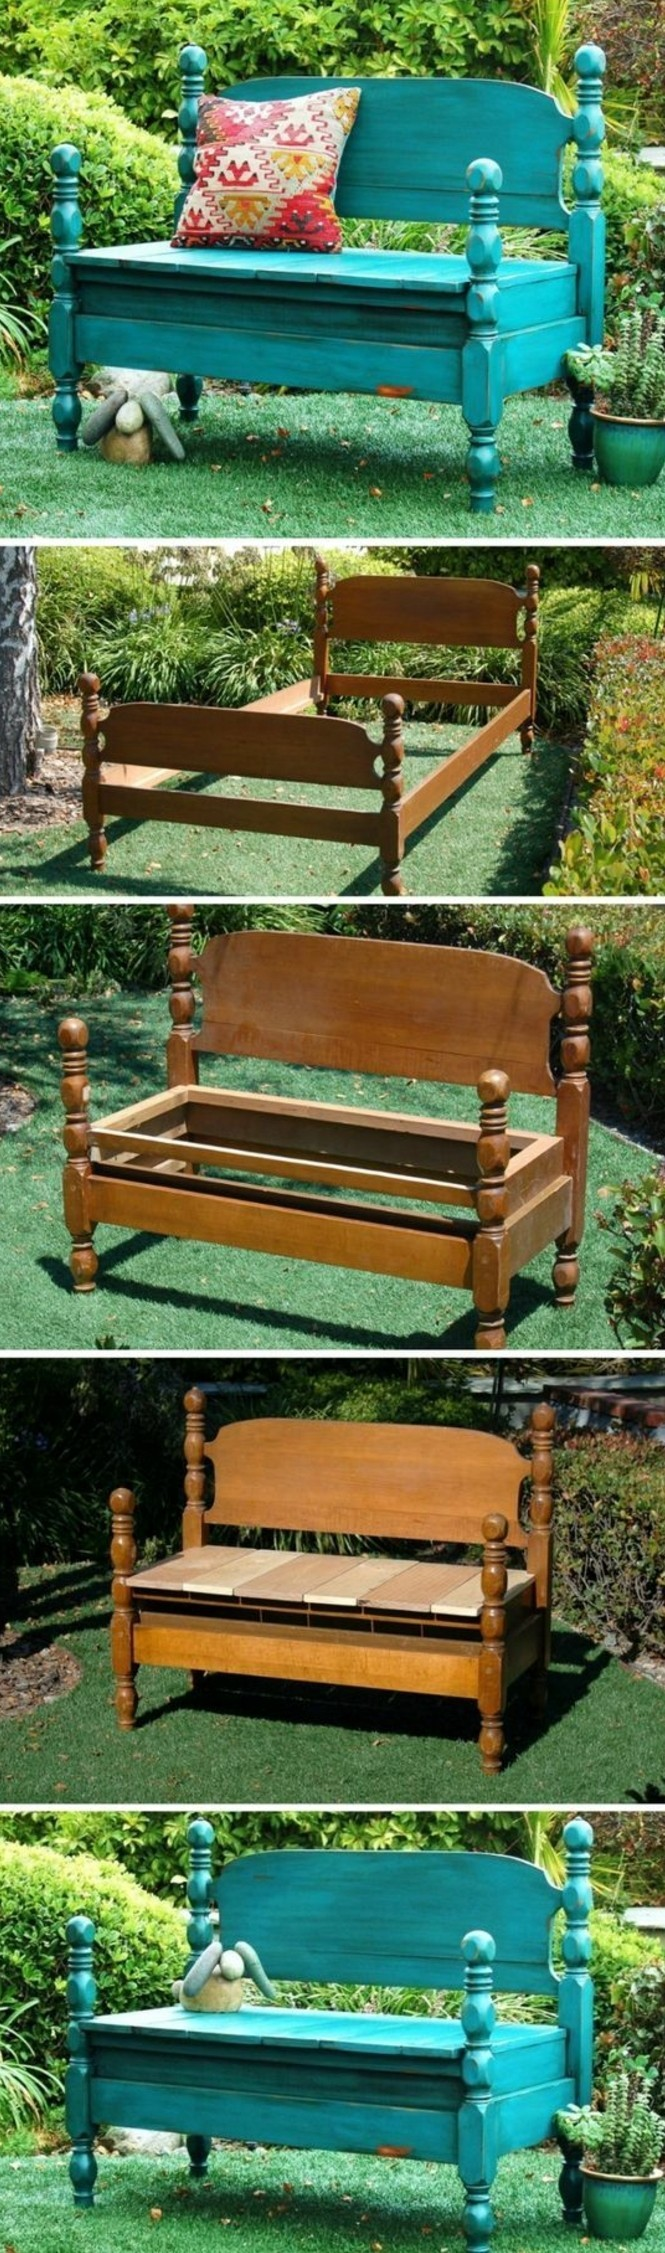 idée-récup-déco-pour-le-jardin-banc-en-bois